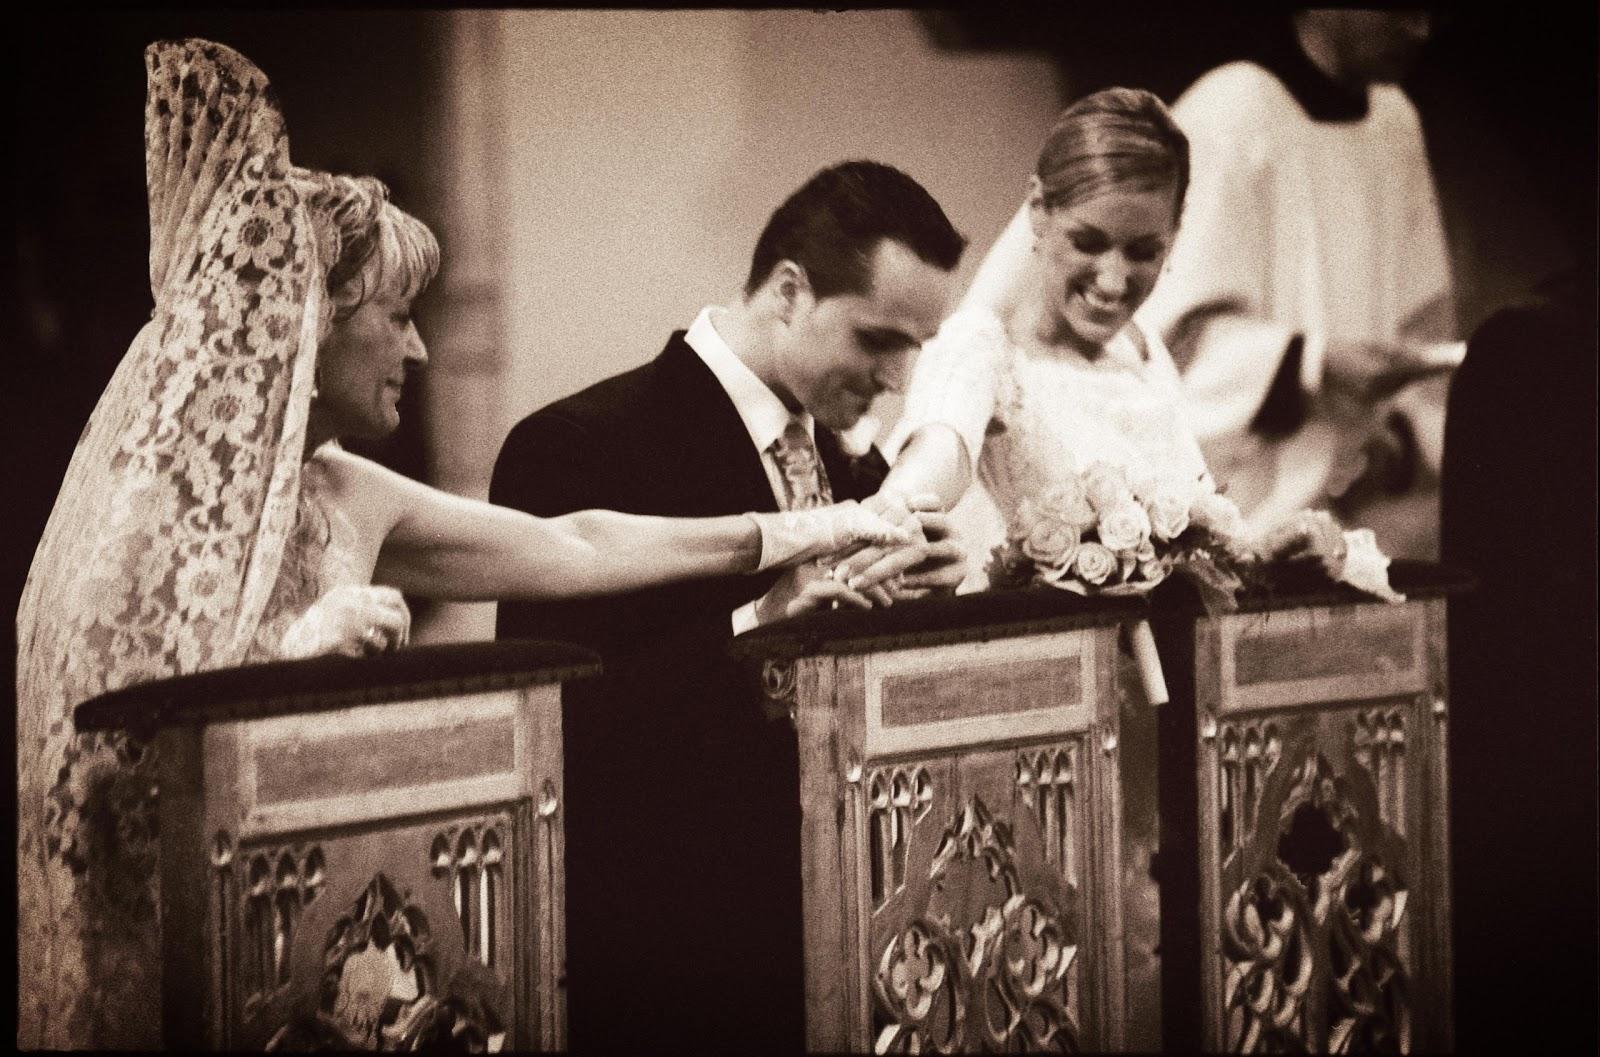 Bodas en los jeronimos madrid casarse en los jeronimos for Casarse en madrid